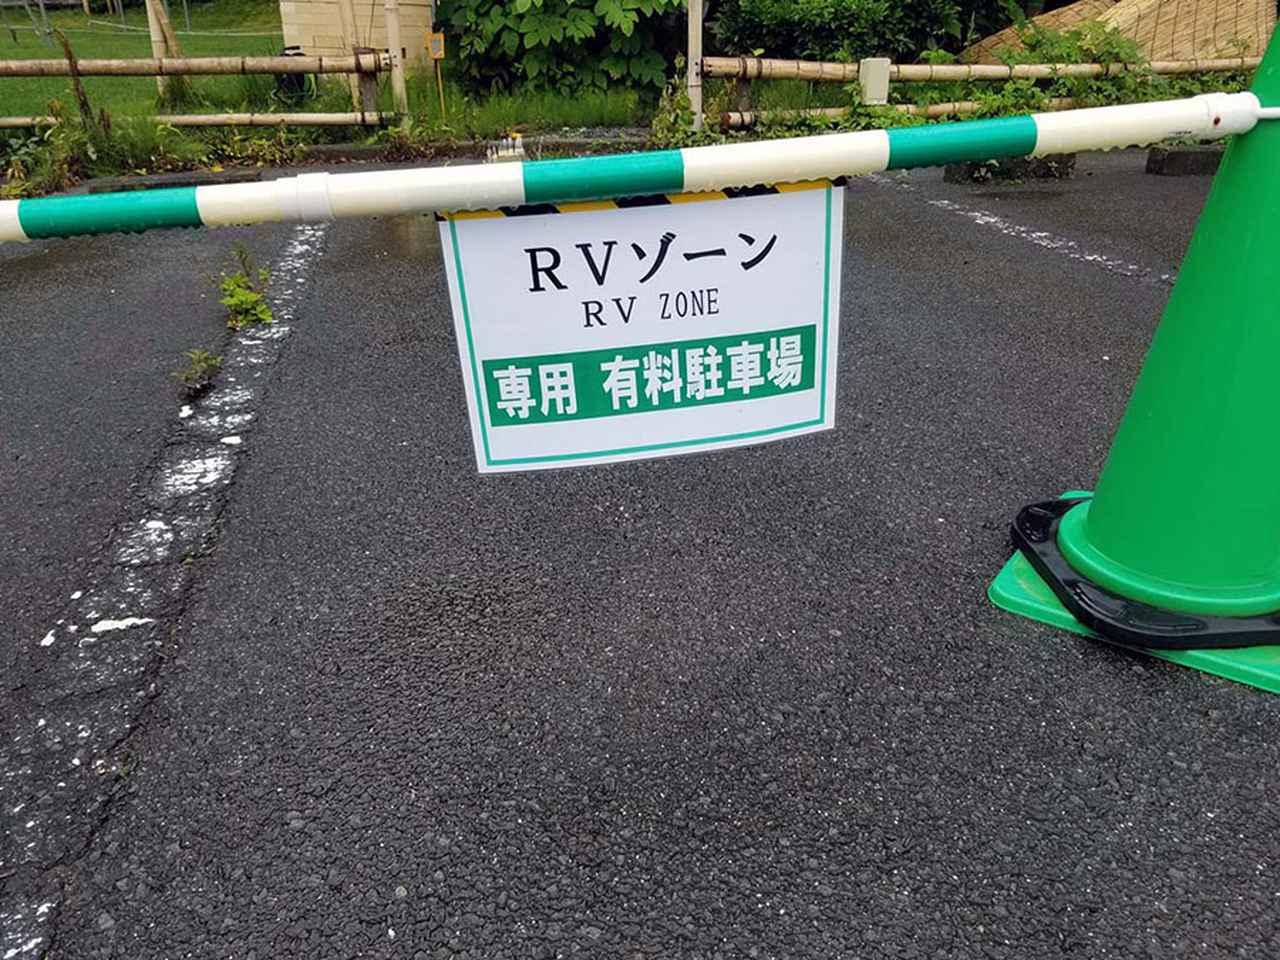 画像1: 富士急ハイランドまで約20分! アクセス良好なRVパーク